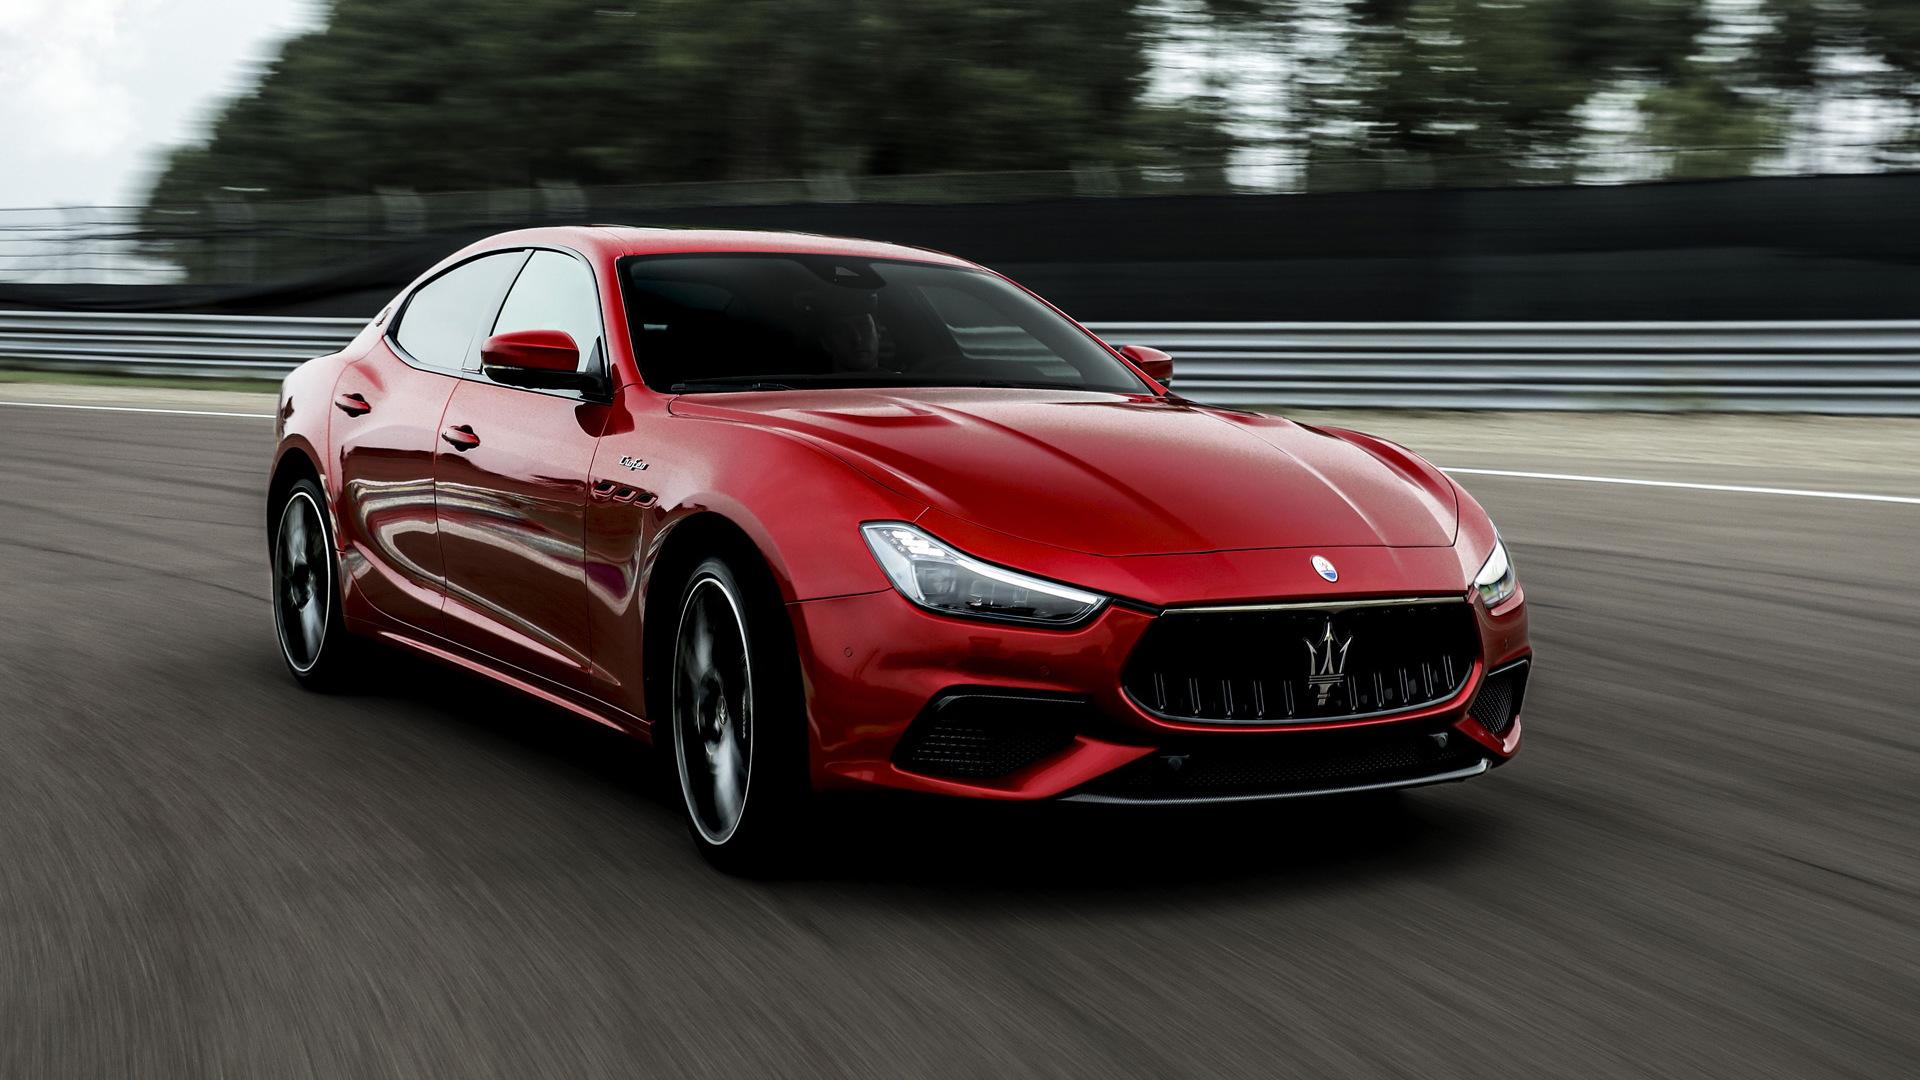 Hardcore Trofeo versions of Maserati Ghibli, Quattroporte ...